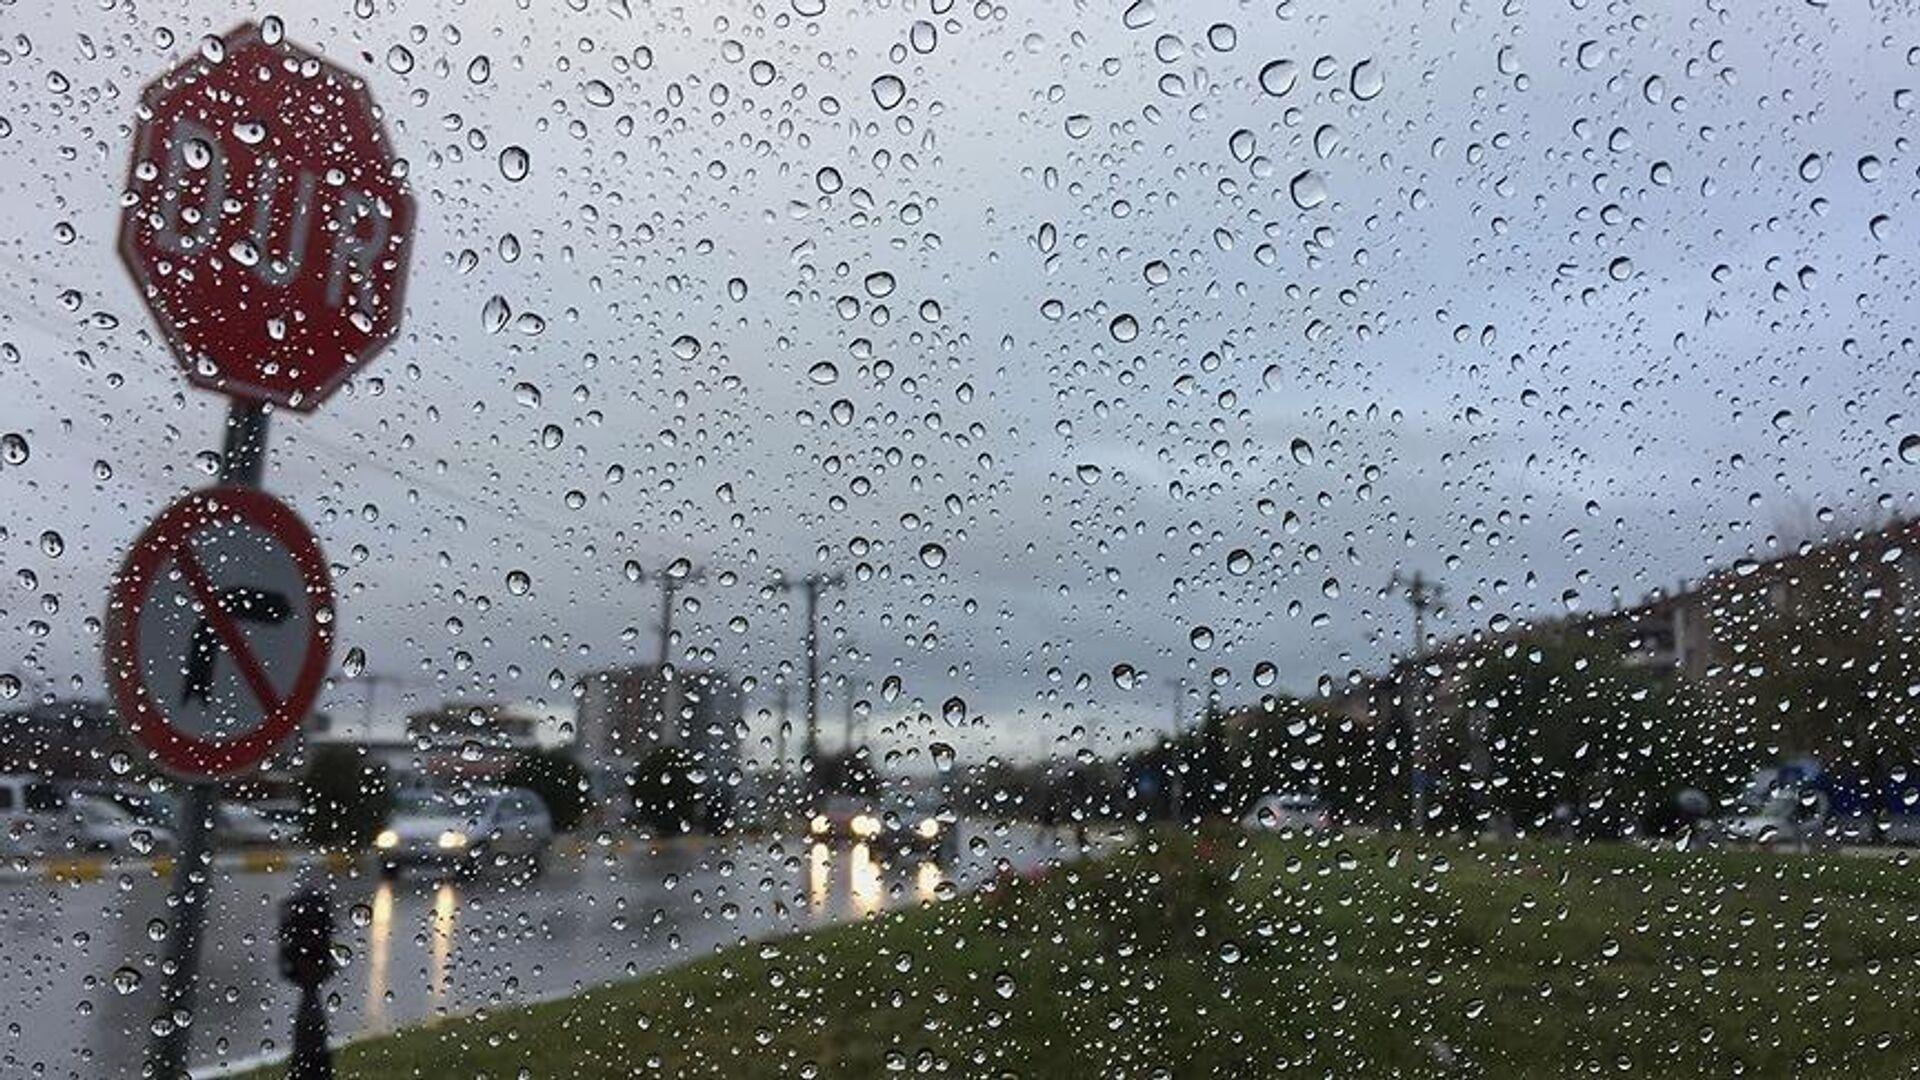 yağış, sağanak yağış, yağmur - Sputnik Türkiye, 1920, 13.08.2021